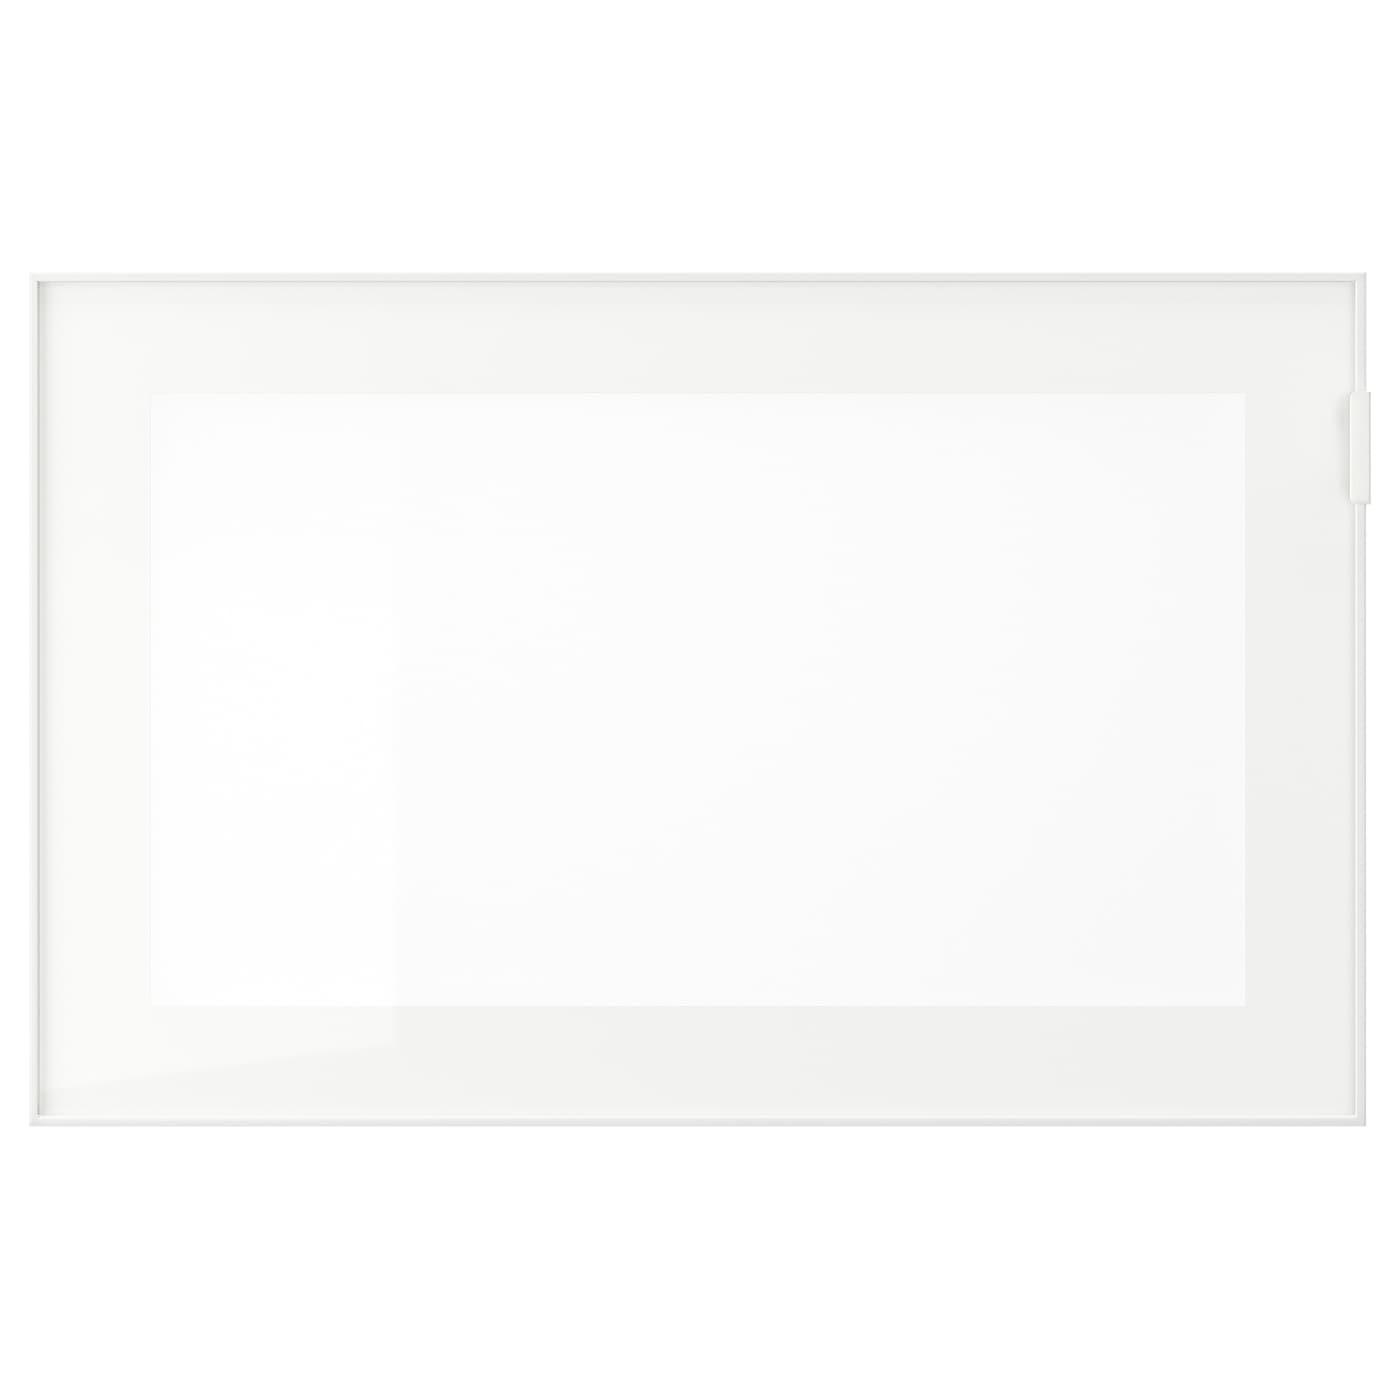 IKEA ГЛАСВИК Стеклянная дверь, белый, матовое стекло, 60x38 см 702.916.56